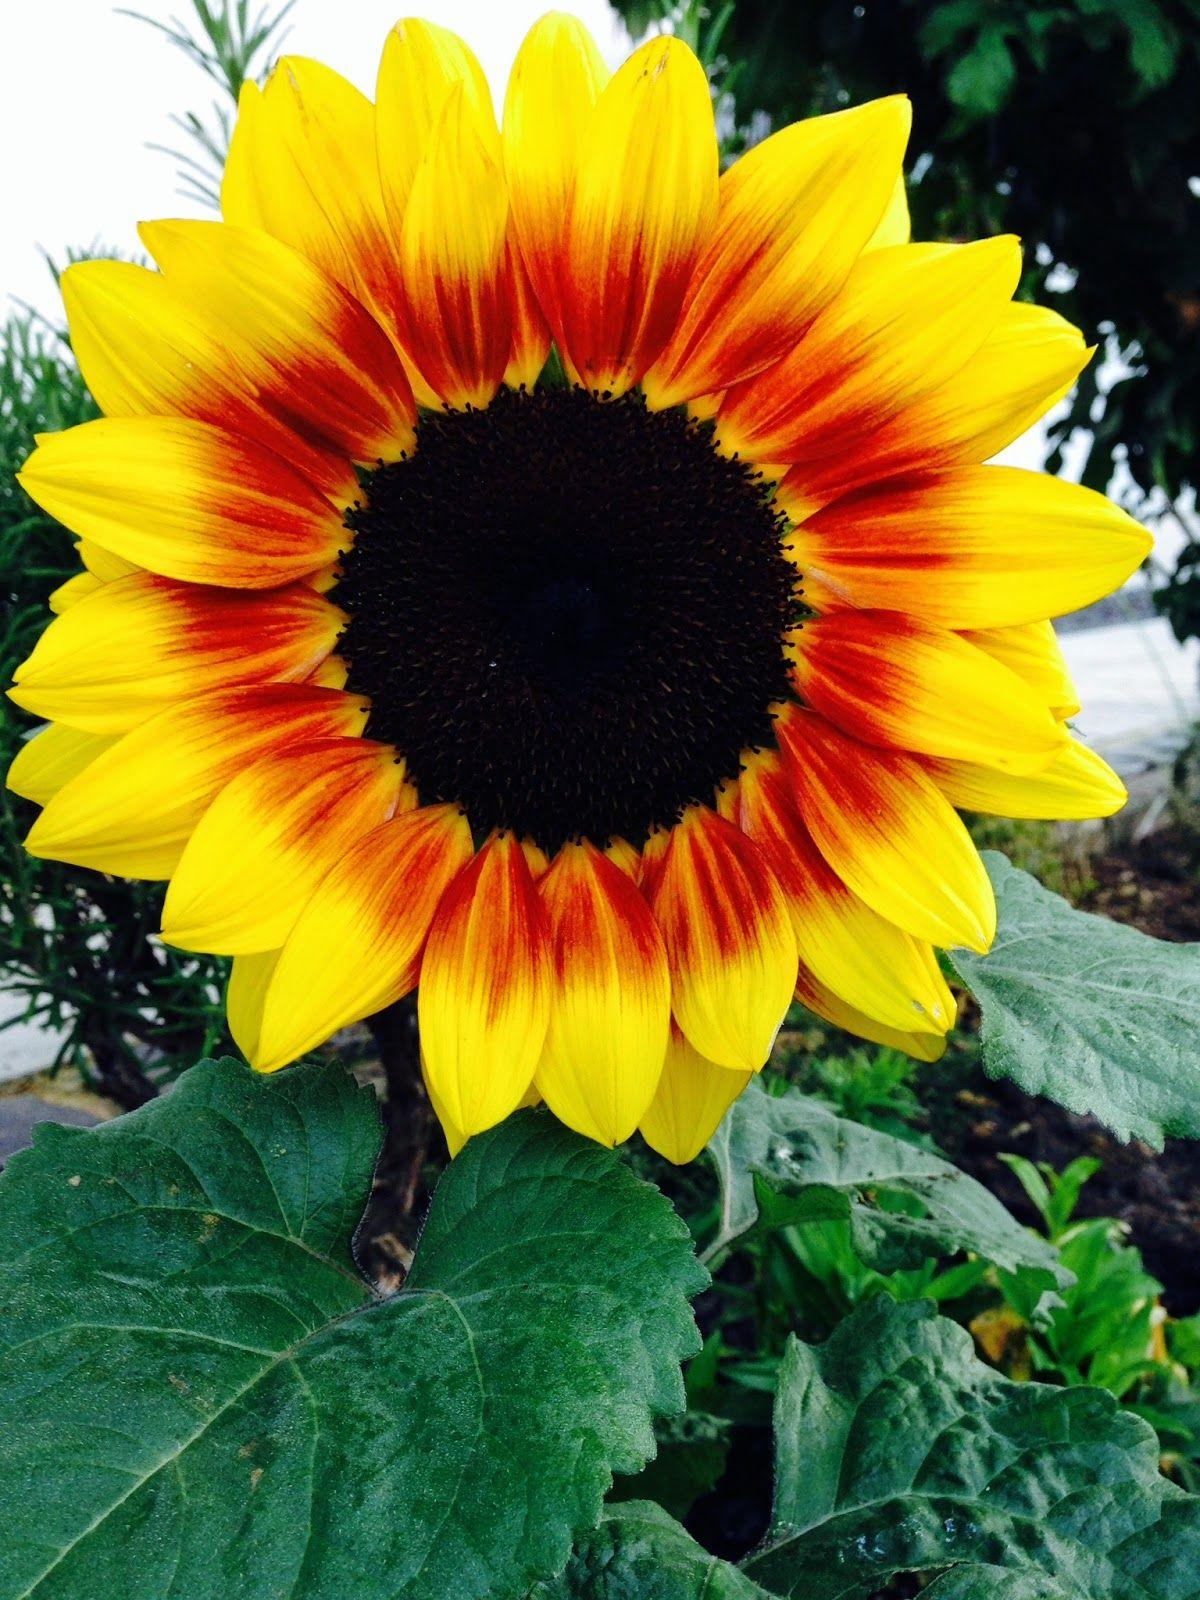 Lieschens-Bilder: Blume Sonnenblume klein